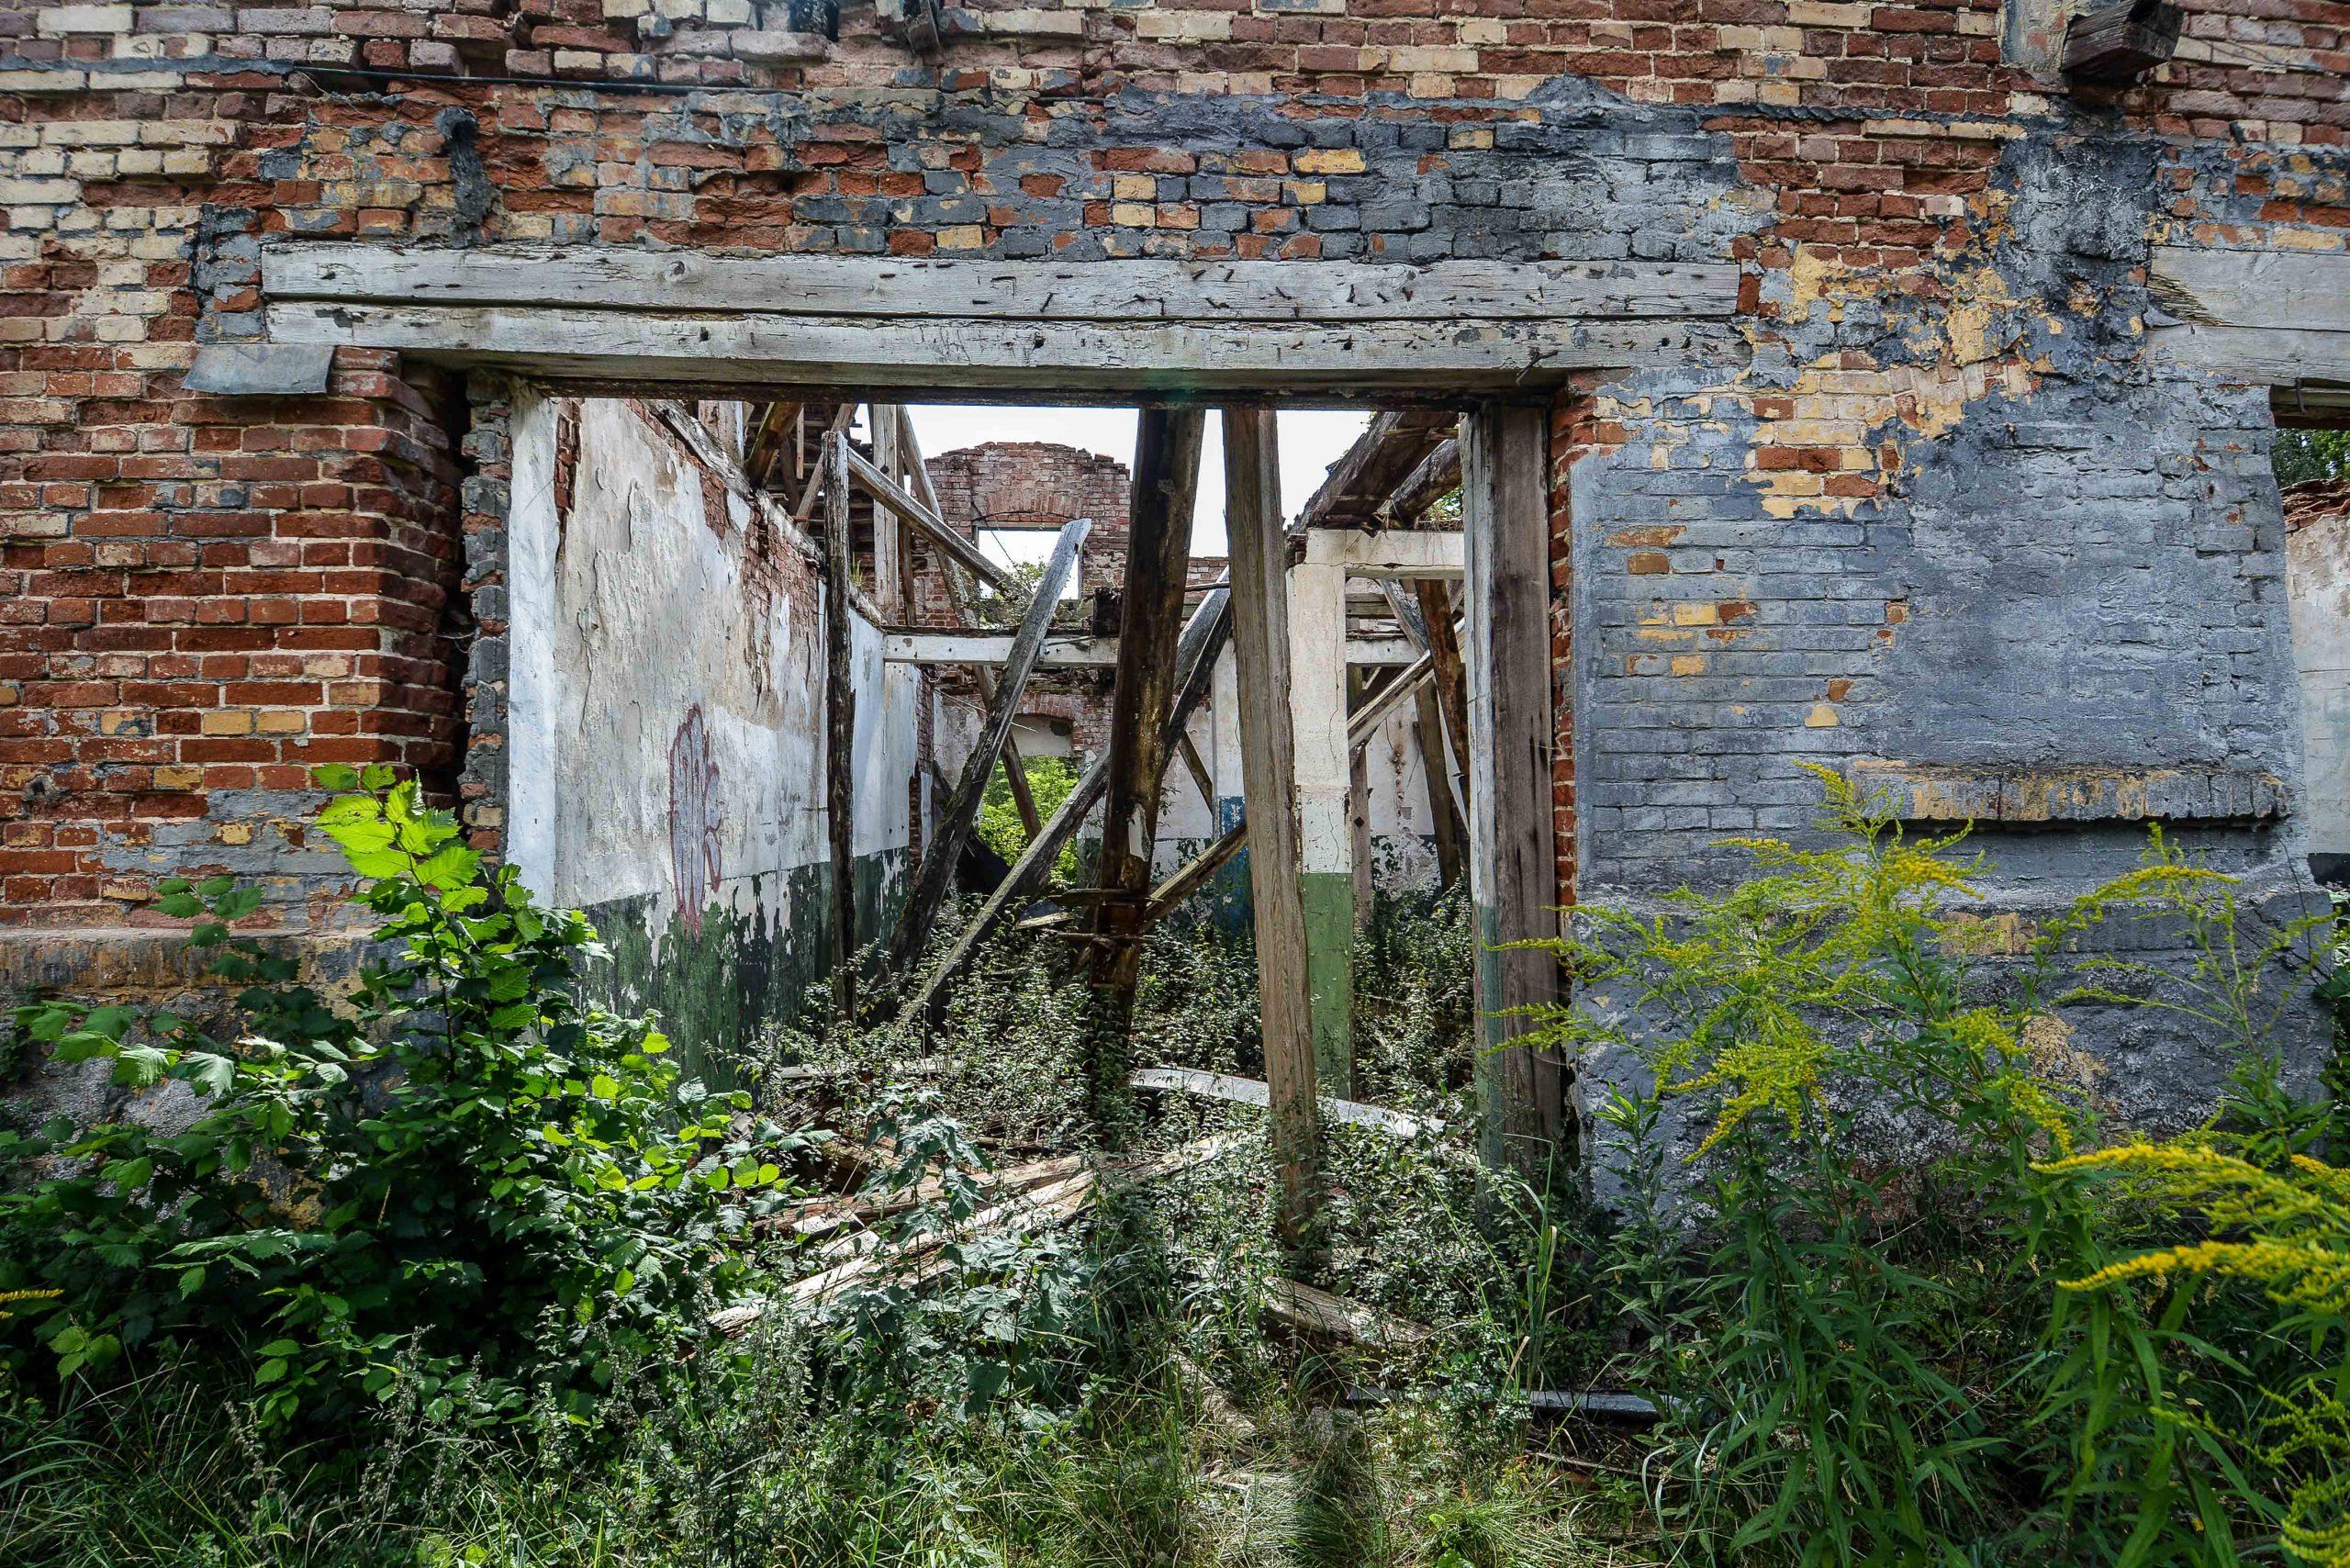 ruine pferdestall architektur historischer orientalismus herrenhaus gentzrode lost places brandenburg neuruppin gut gentzrode ost deutschland urbex abandoned